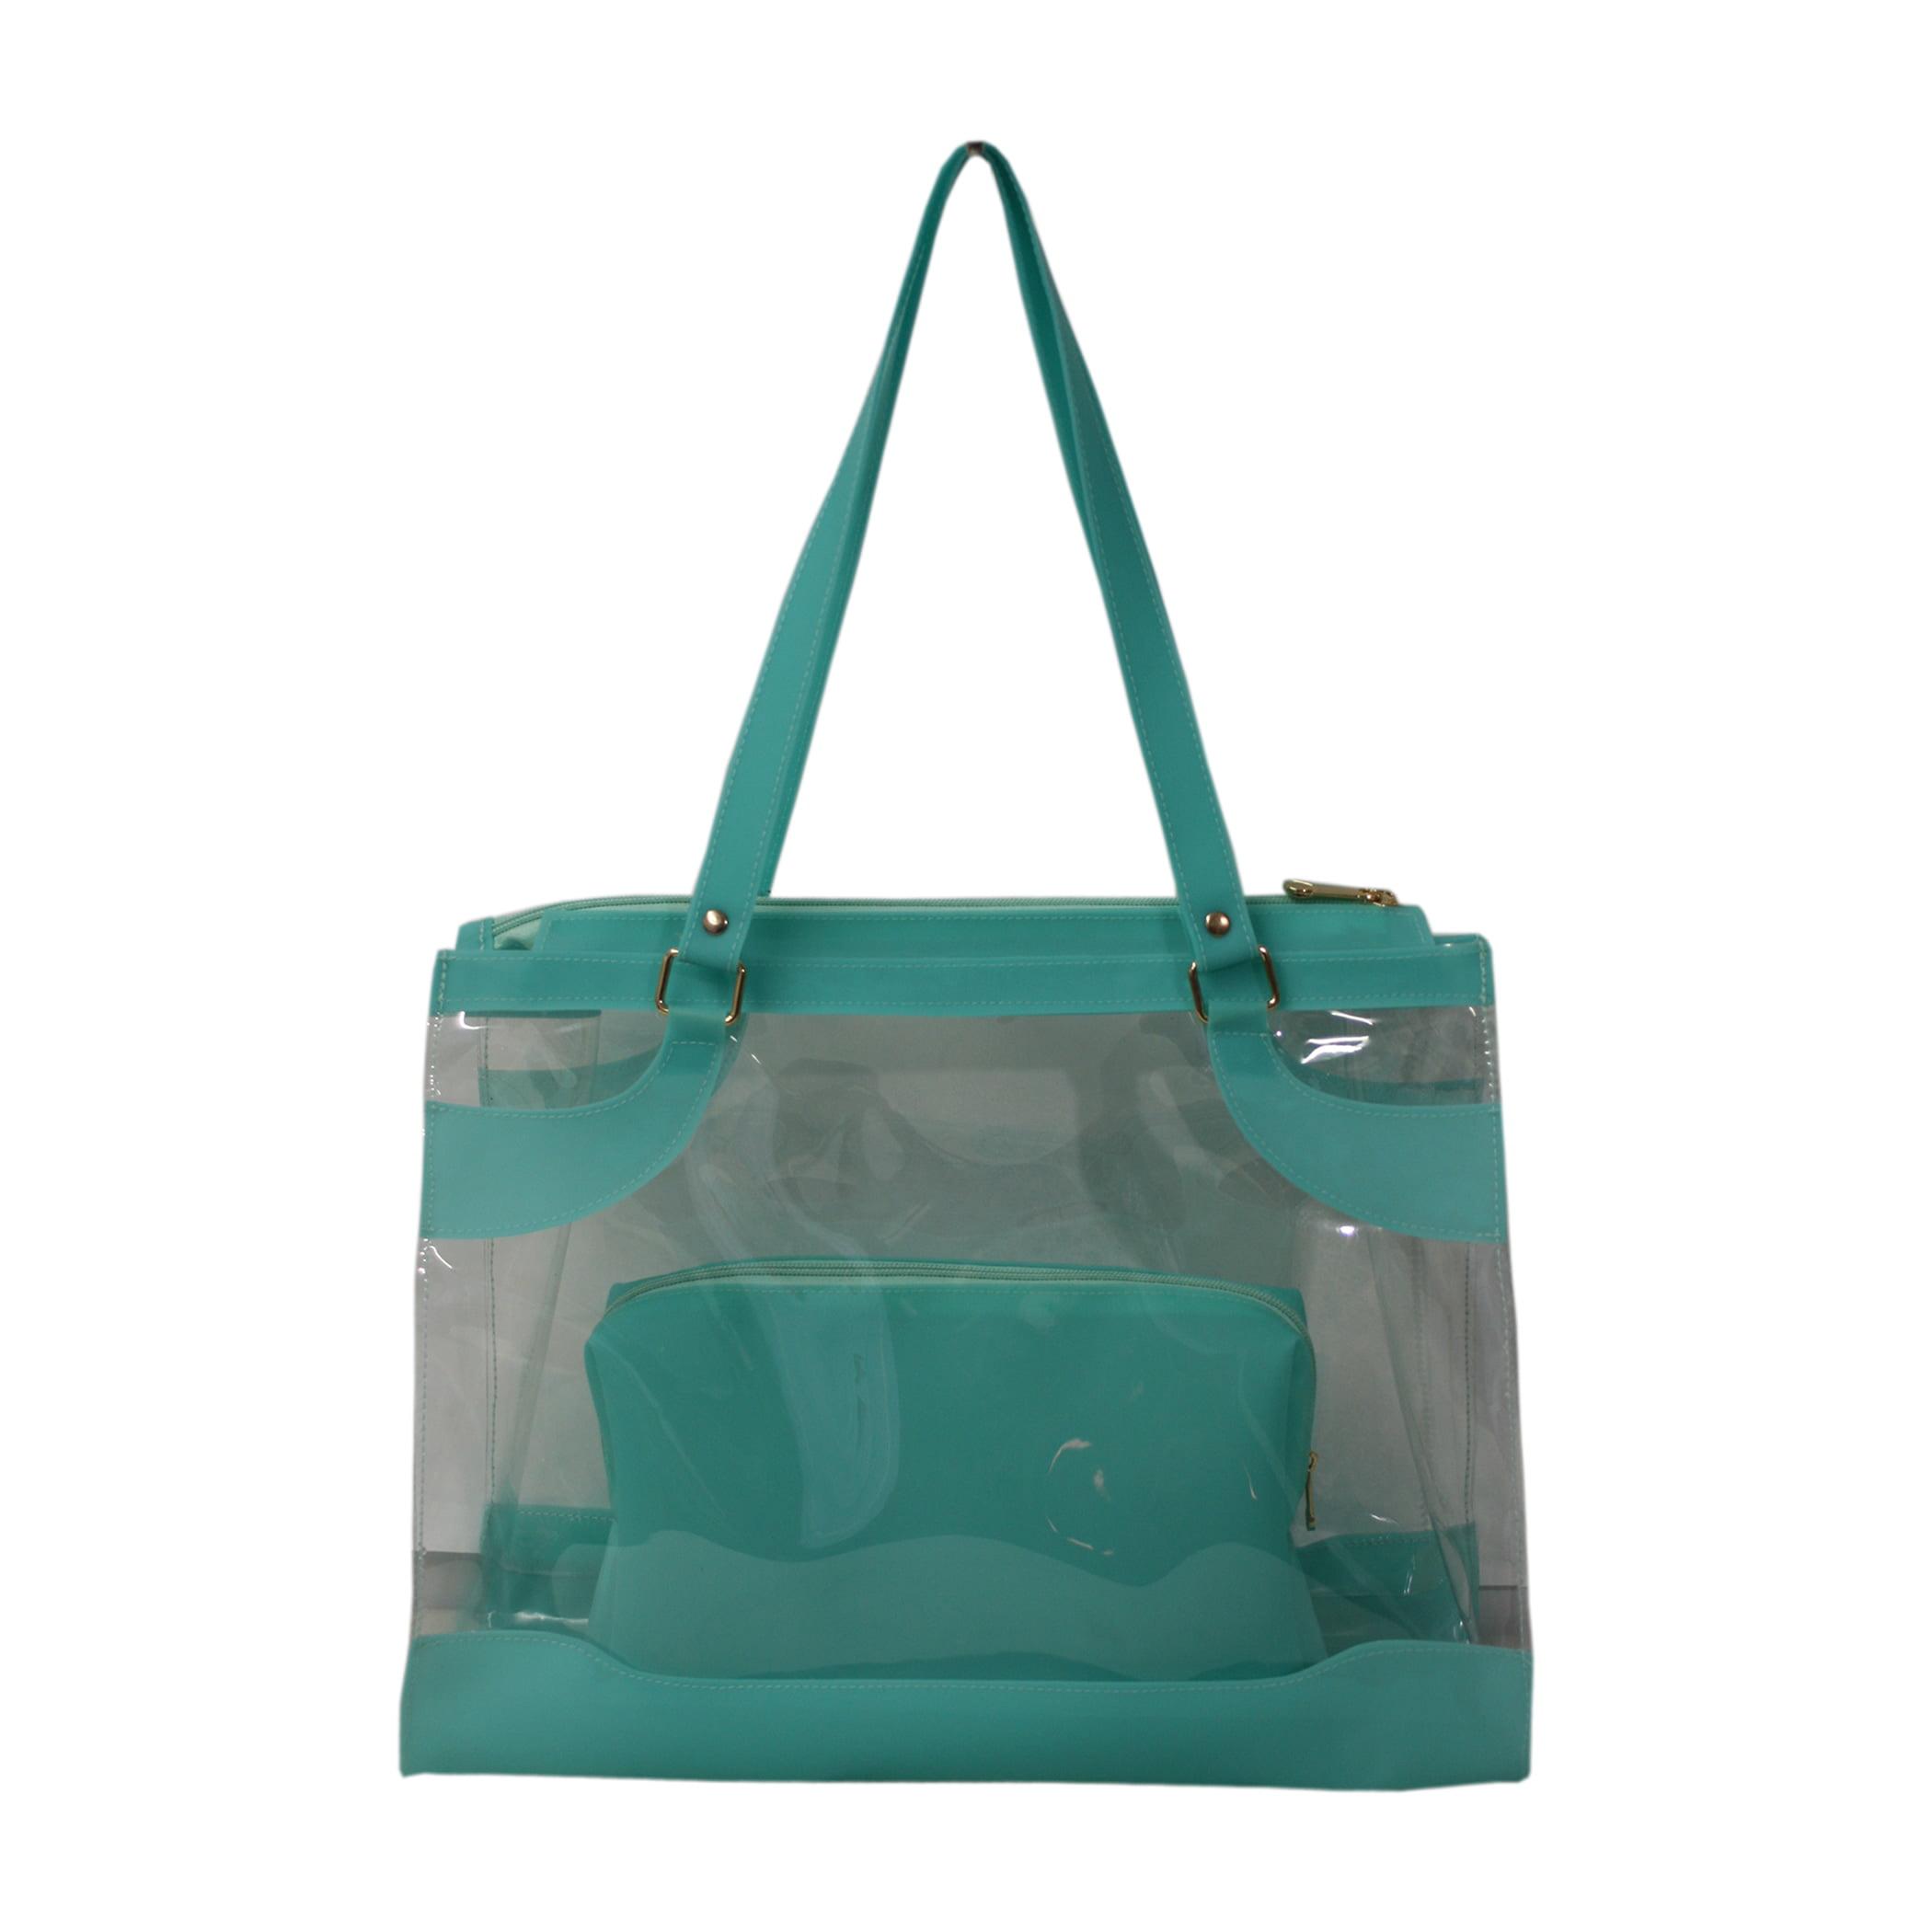 Bolsa de praia verde e transparente Kabira